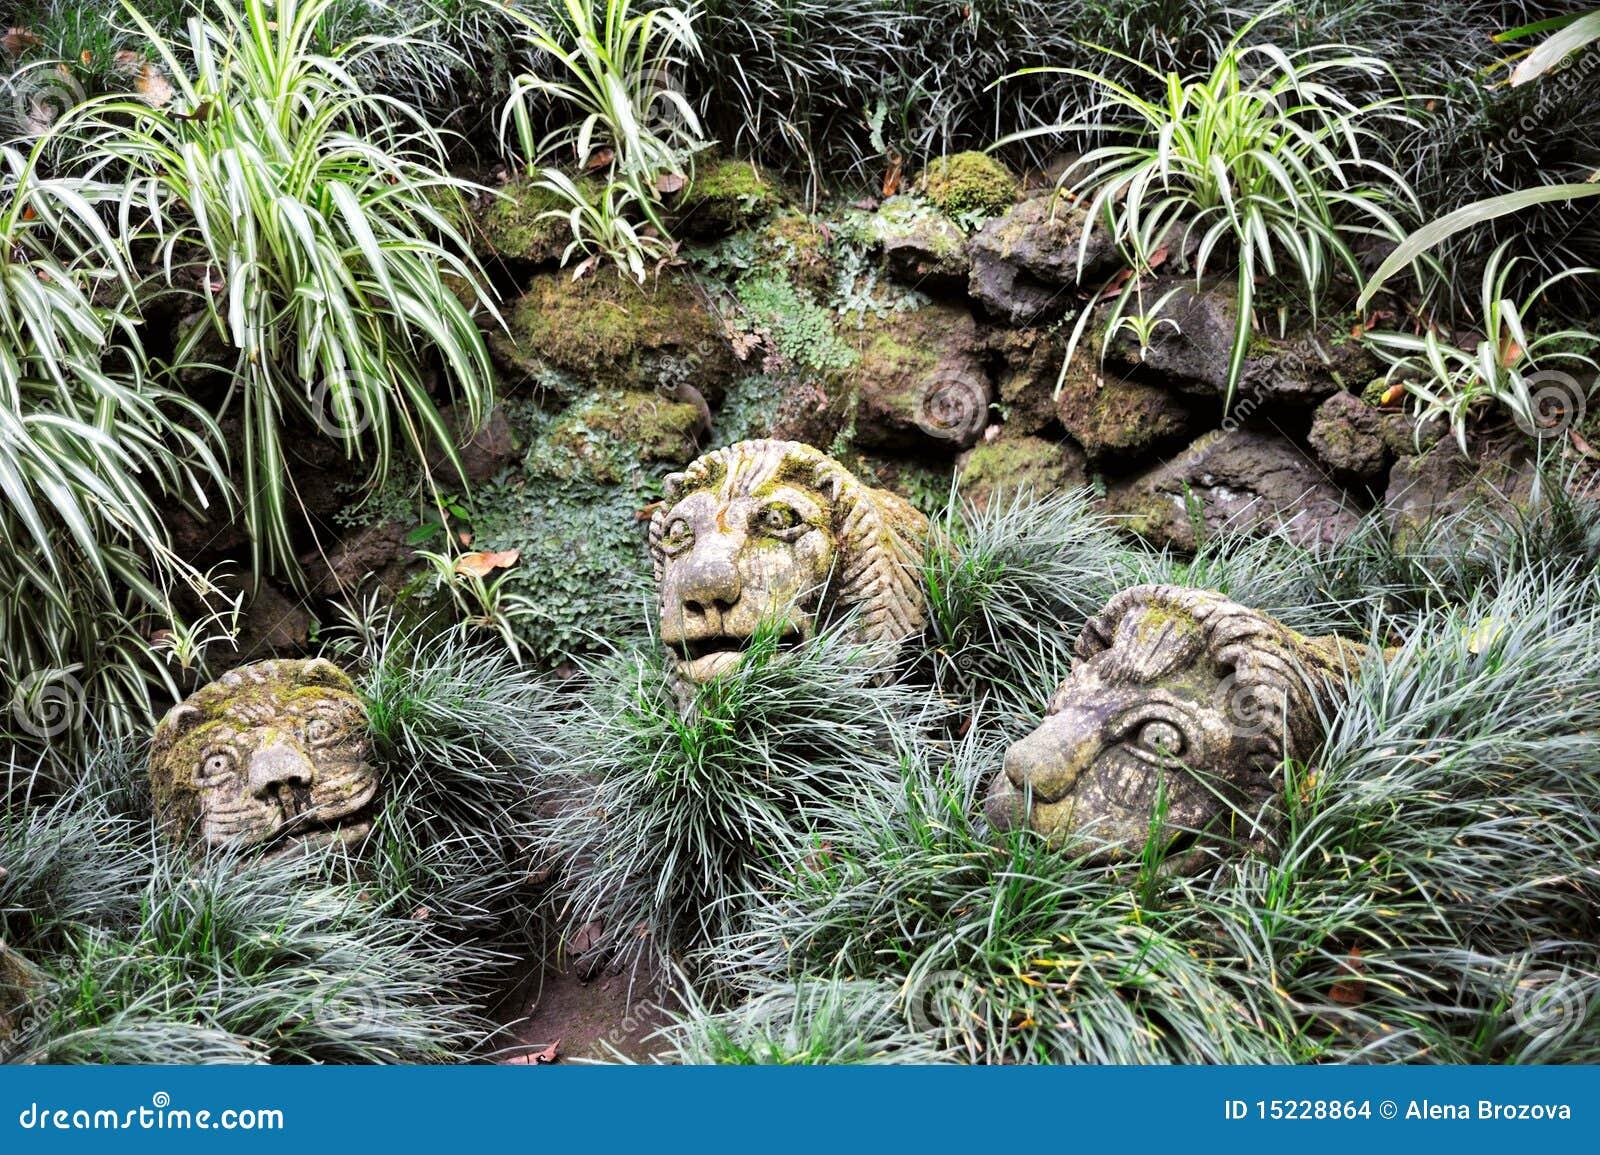 imagens de jardim tropical:Jardim tropical Monte do palácio de Monte, Madeira.